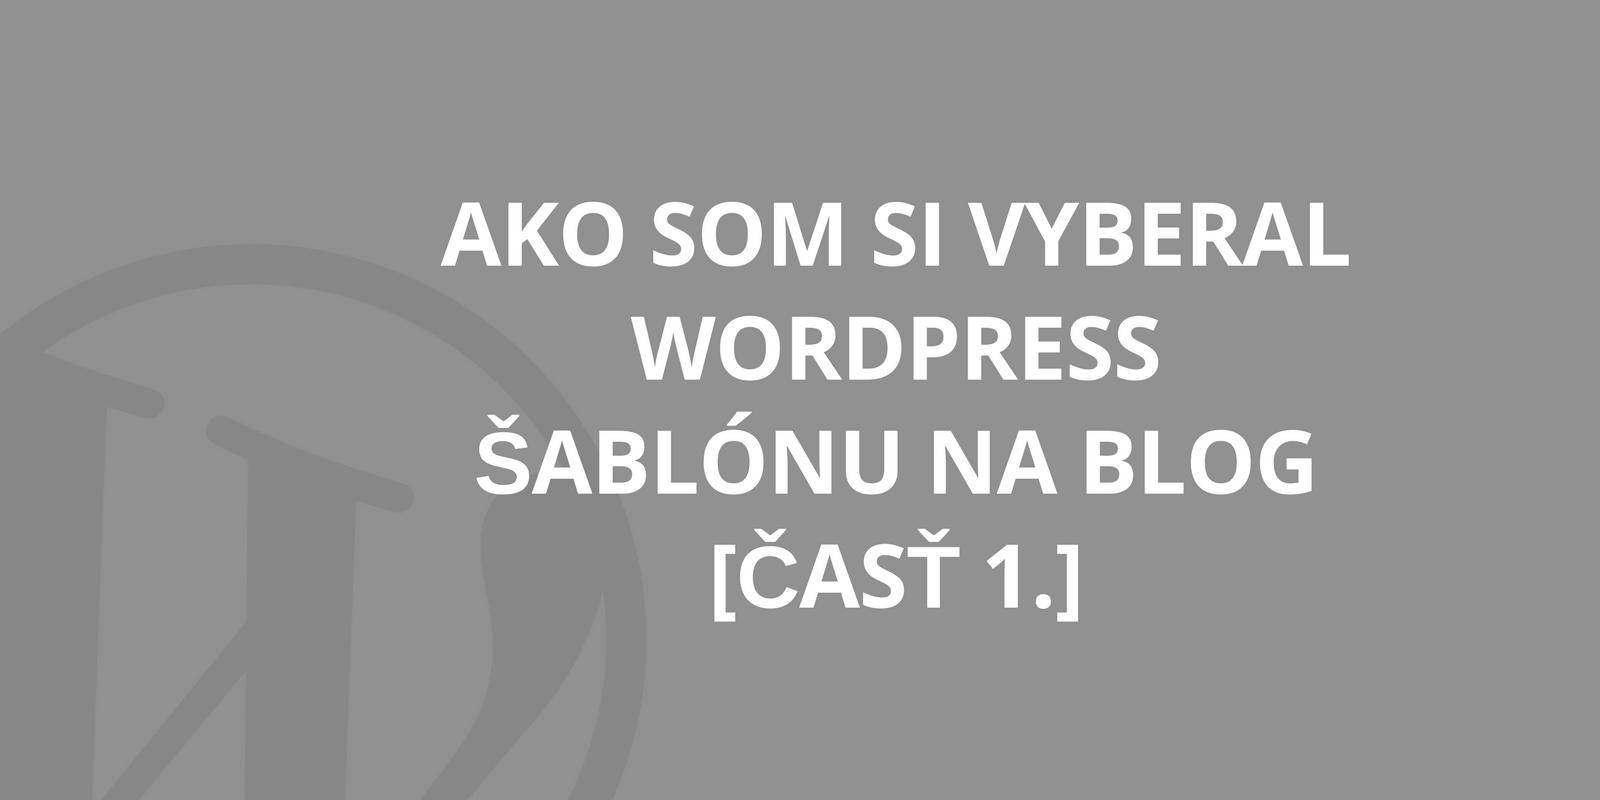 wordpress sablona blog 1